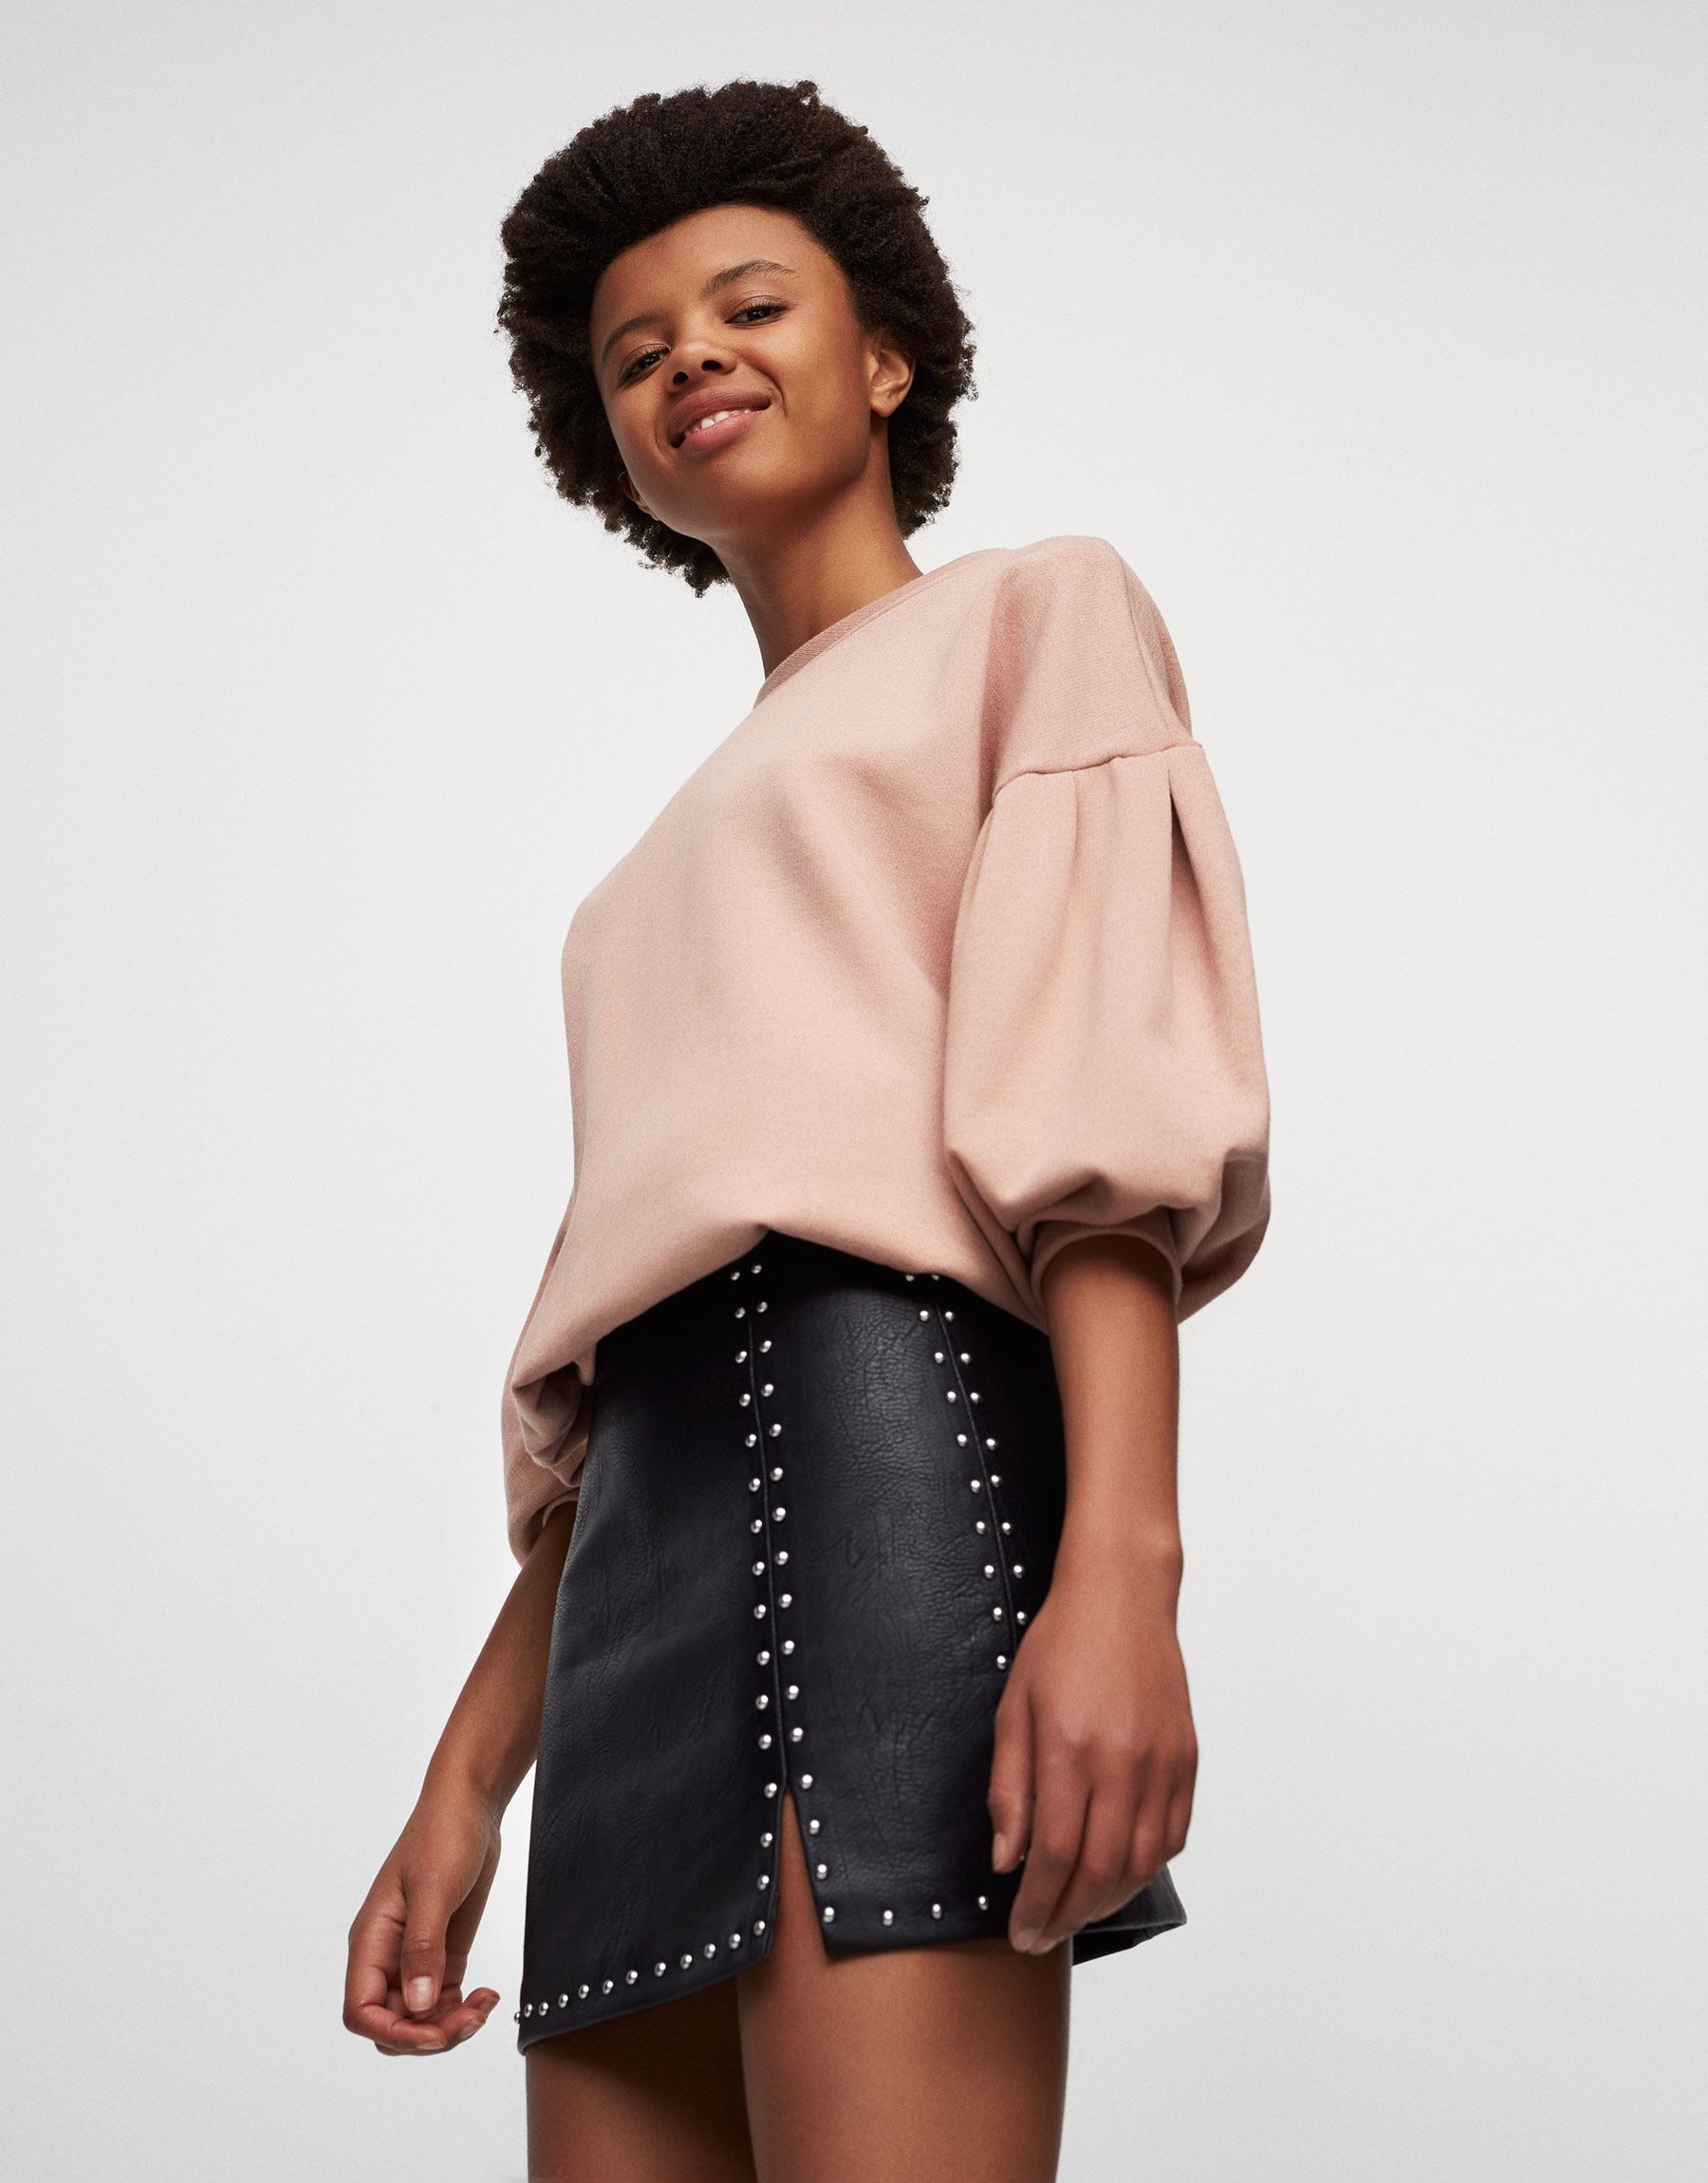 Minijupe clous fendue - Jupes - Vêtements - Femme - PULL&BEAR France